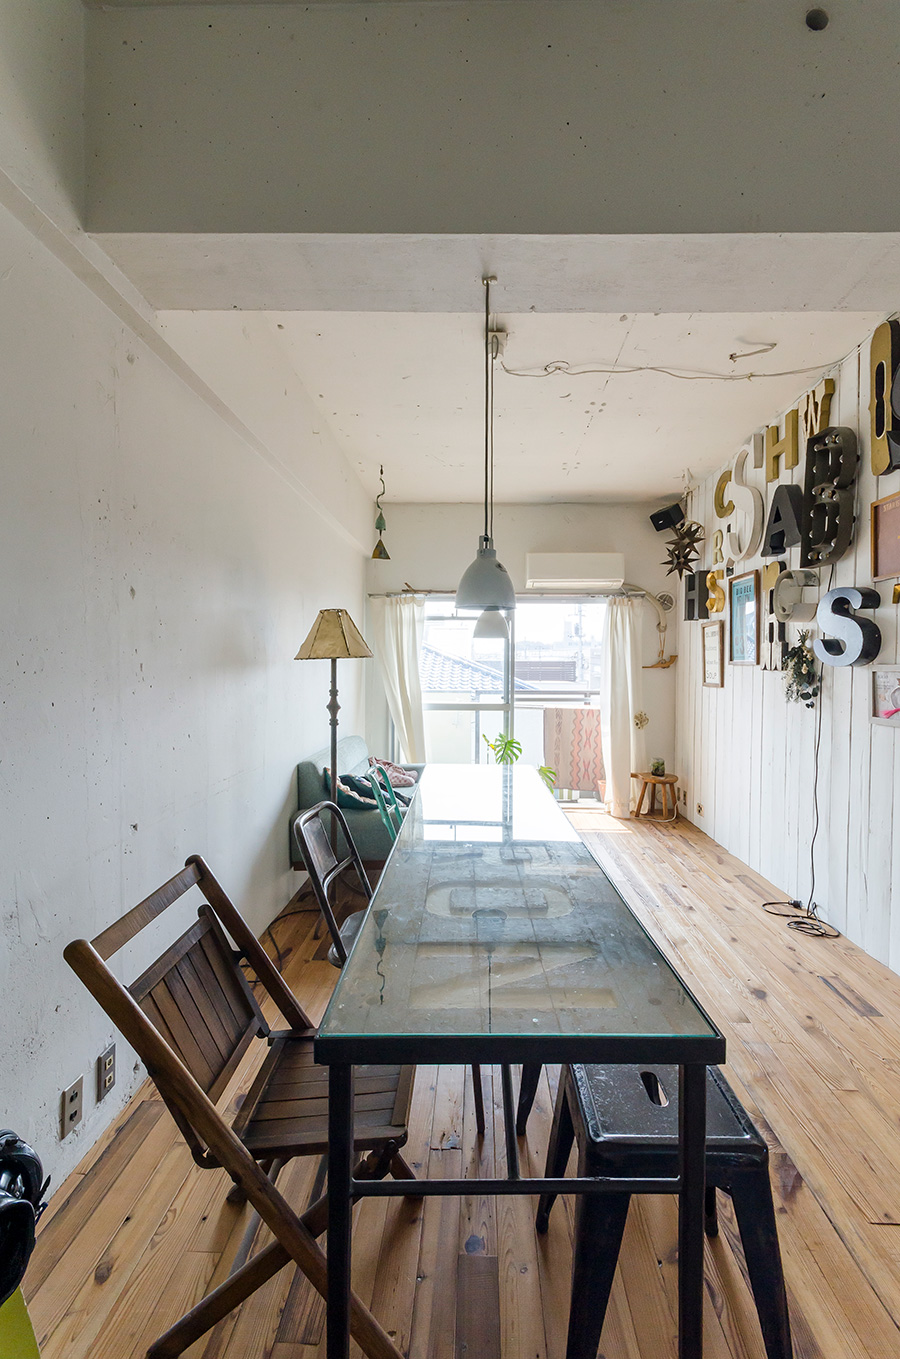 部屋に合わせて作ったダイニングテーブルは、パーティーにも大活躍。ペンダントライトはフランスの工業用のもの。